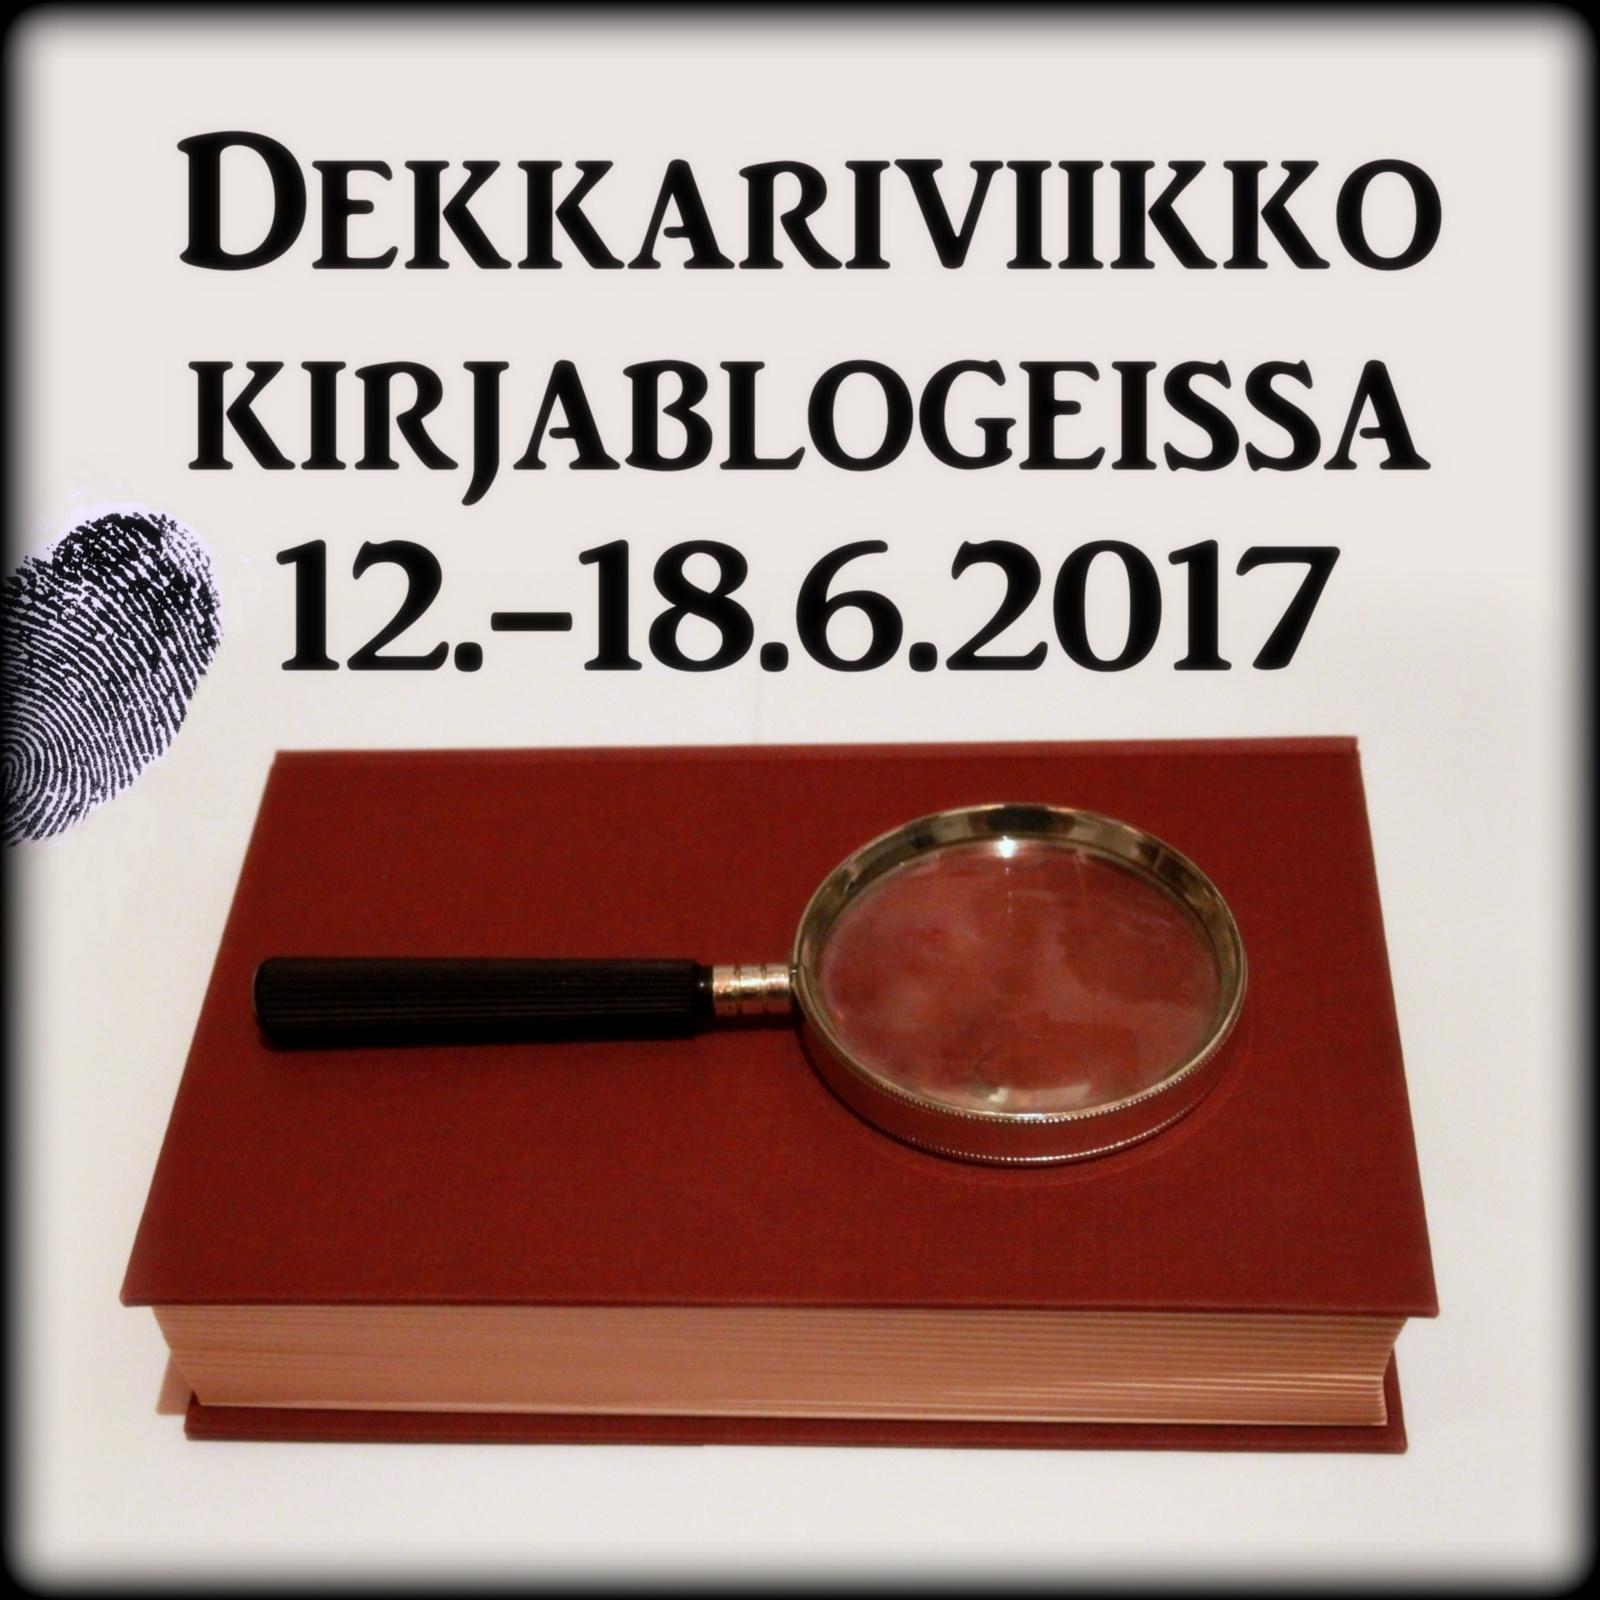 Dekkariviikko kirjablogeissa 12. - 18.6.2017